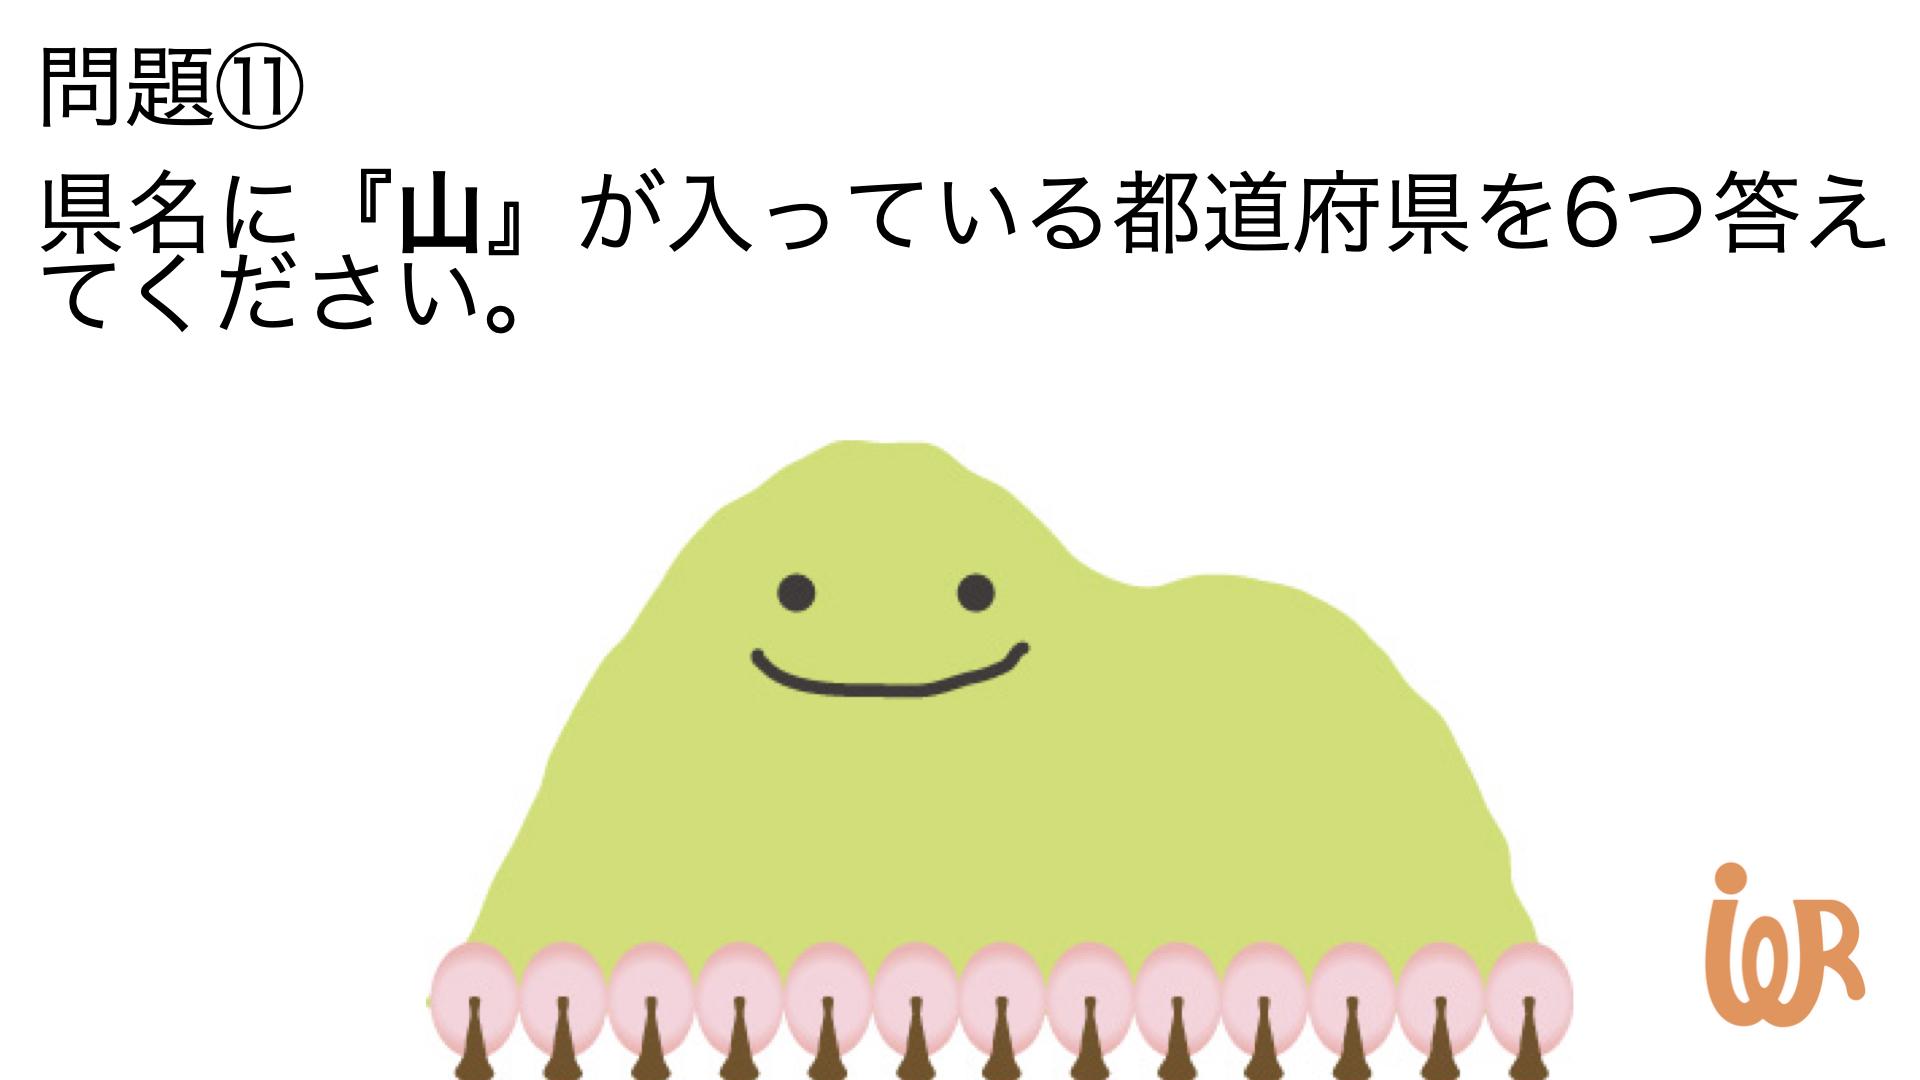 都 道府県 が つく 山